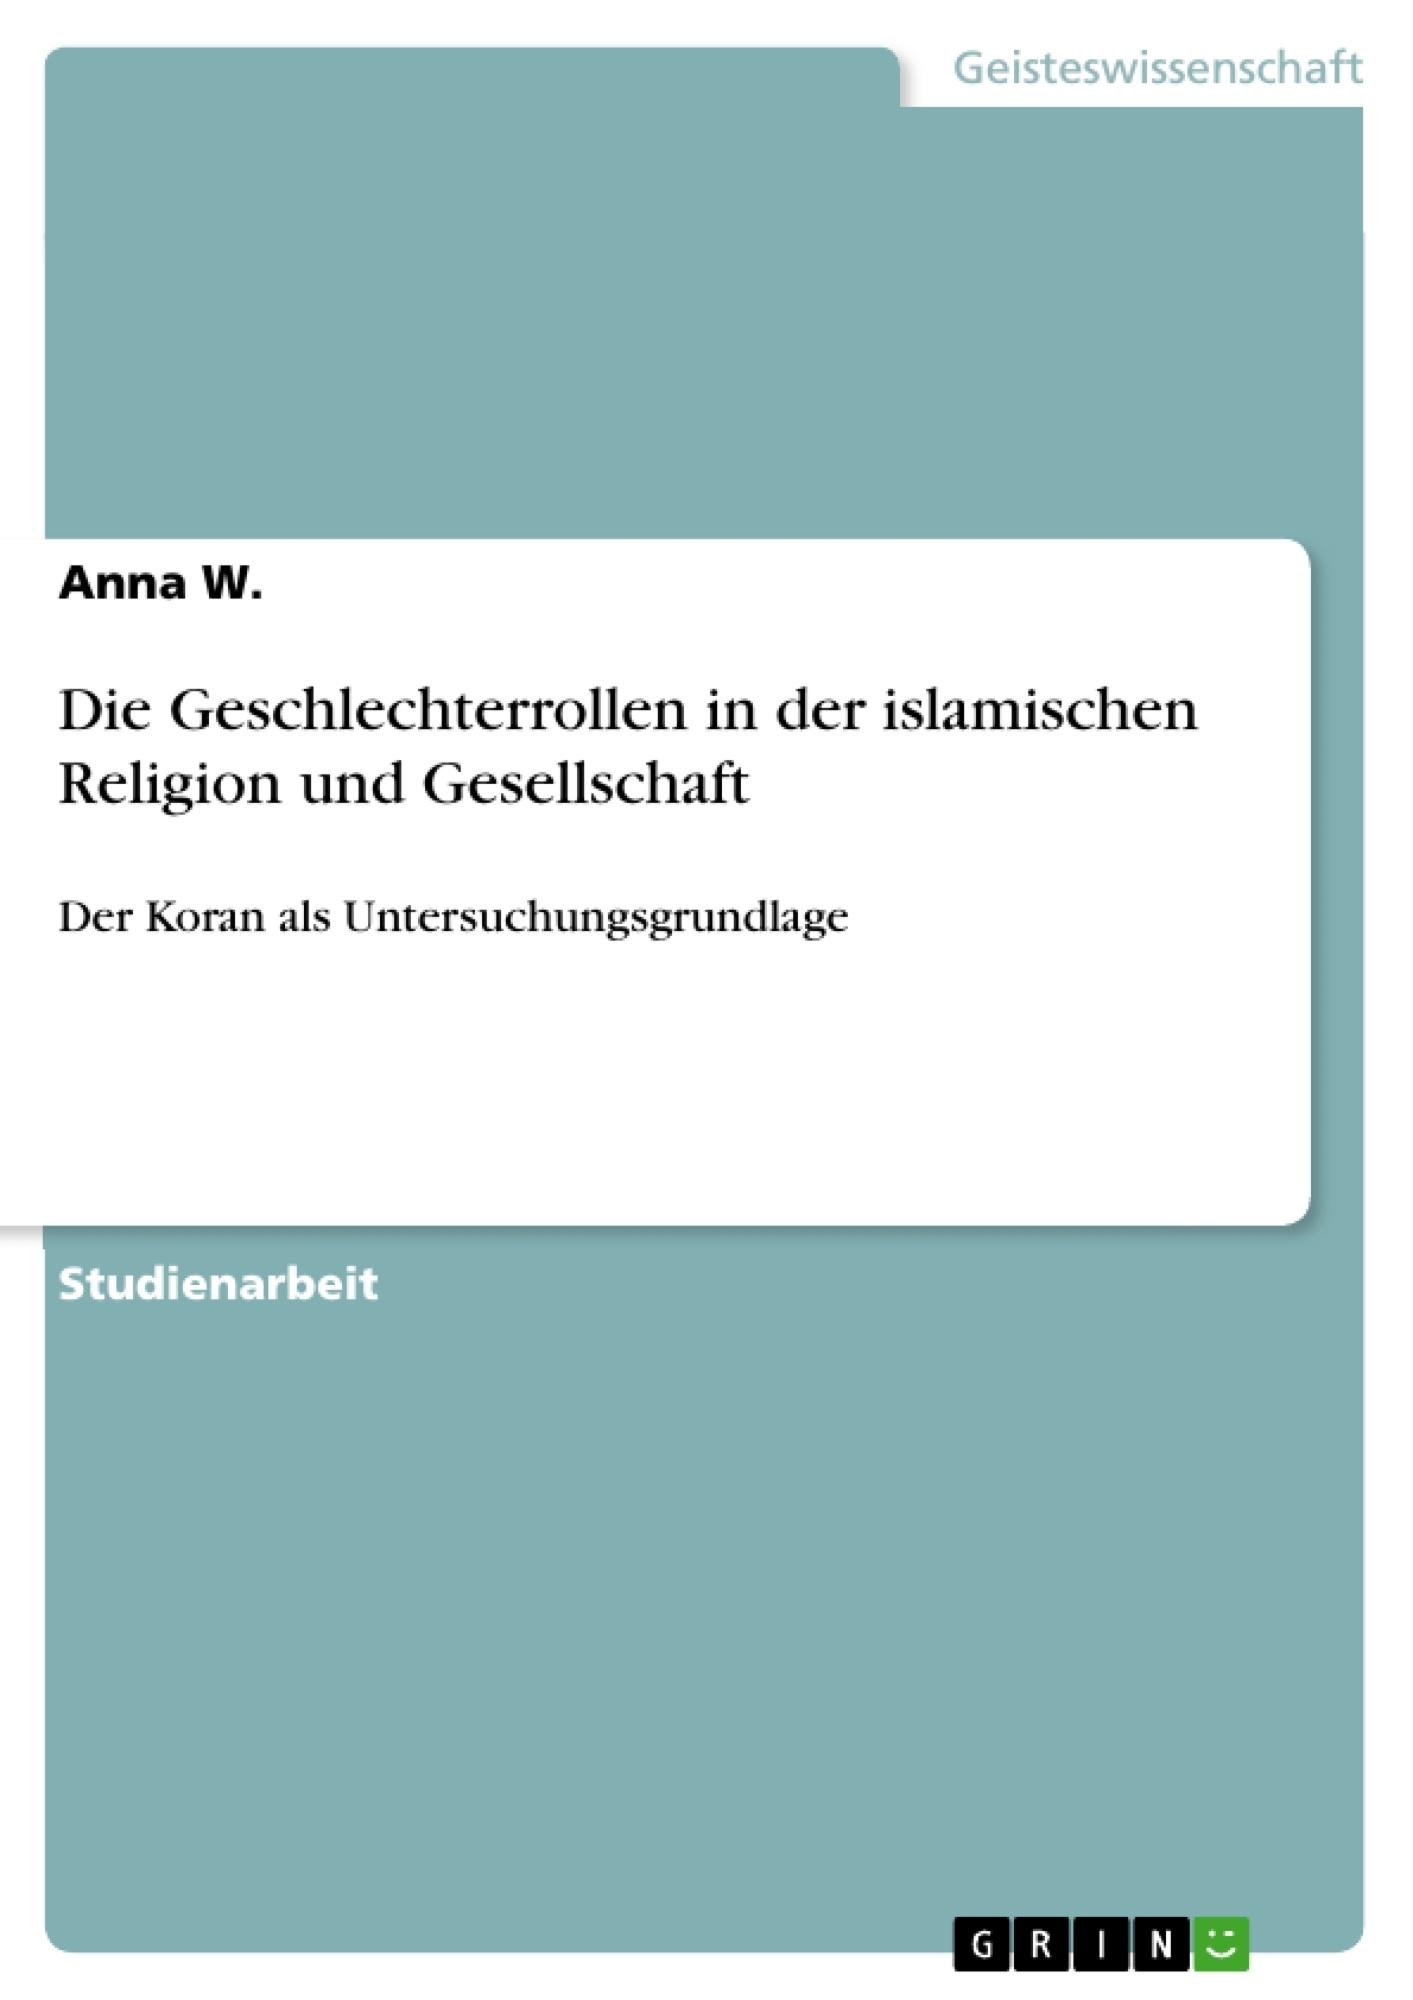 Titel: Die Geschlechterrollen in der islamischen Religion und Gesellschaft